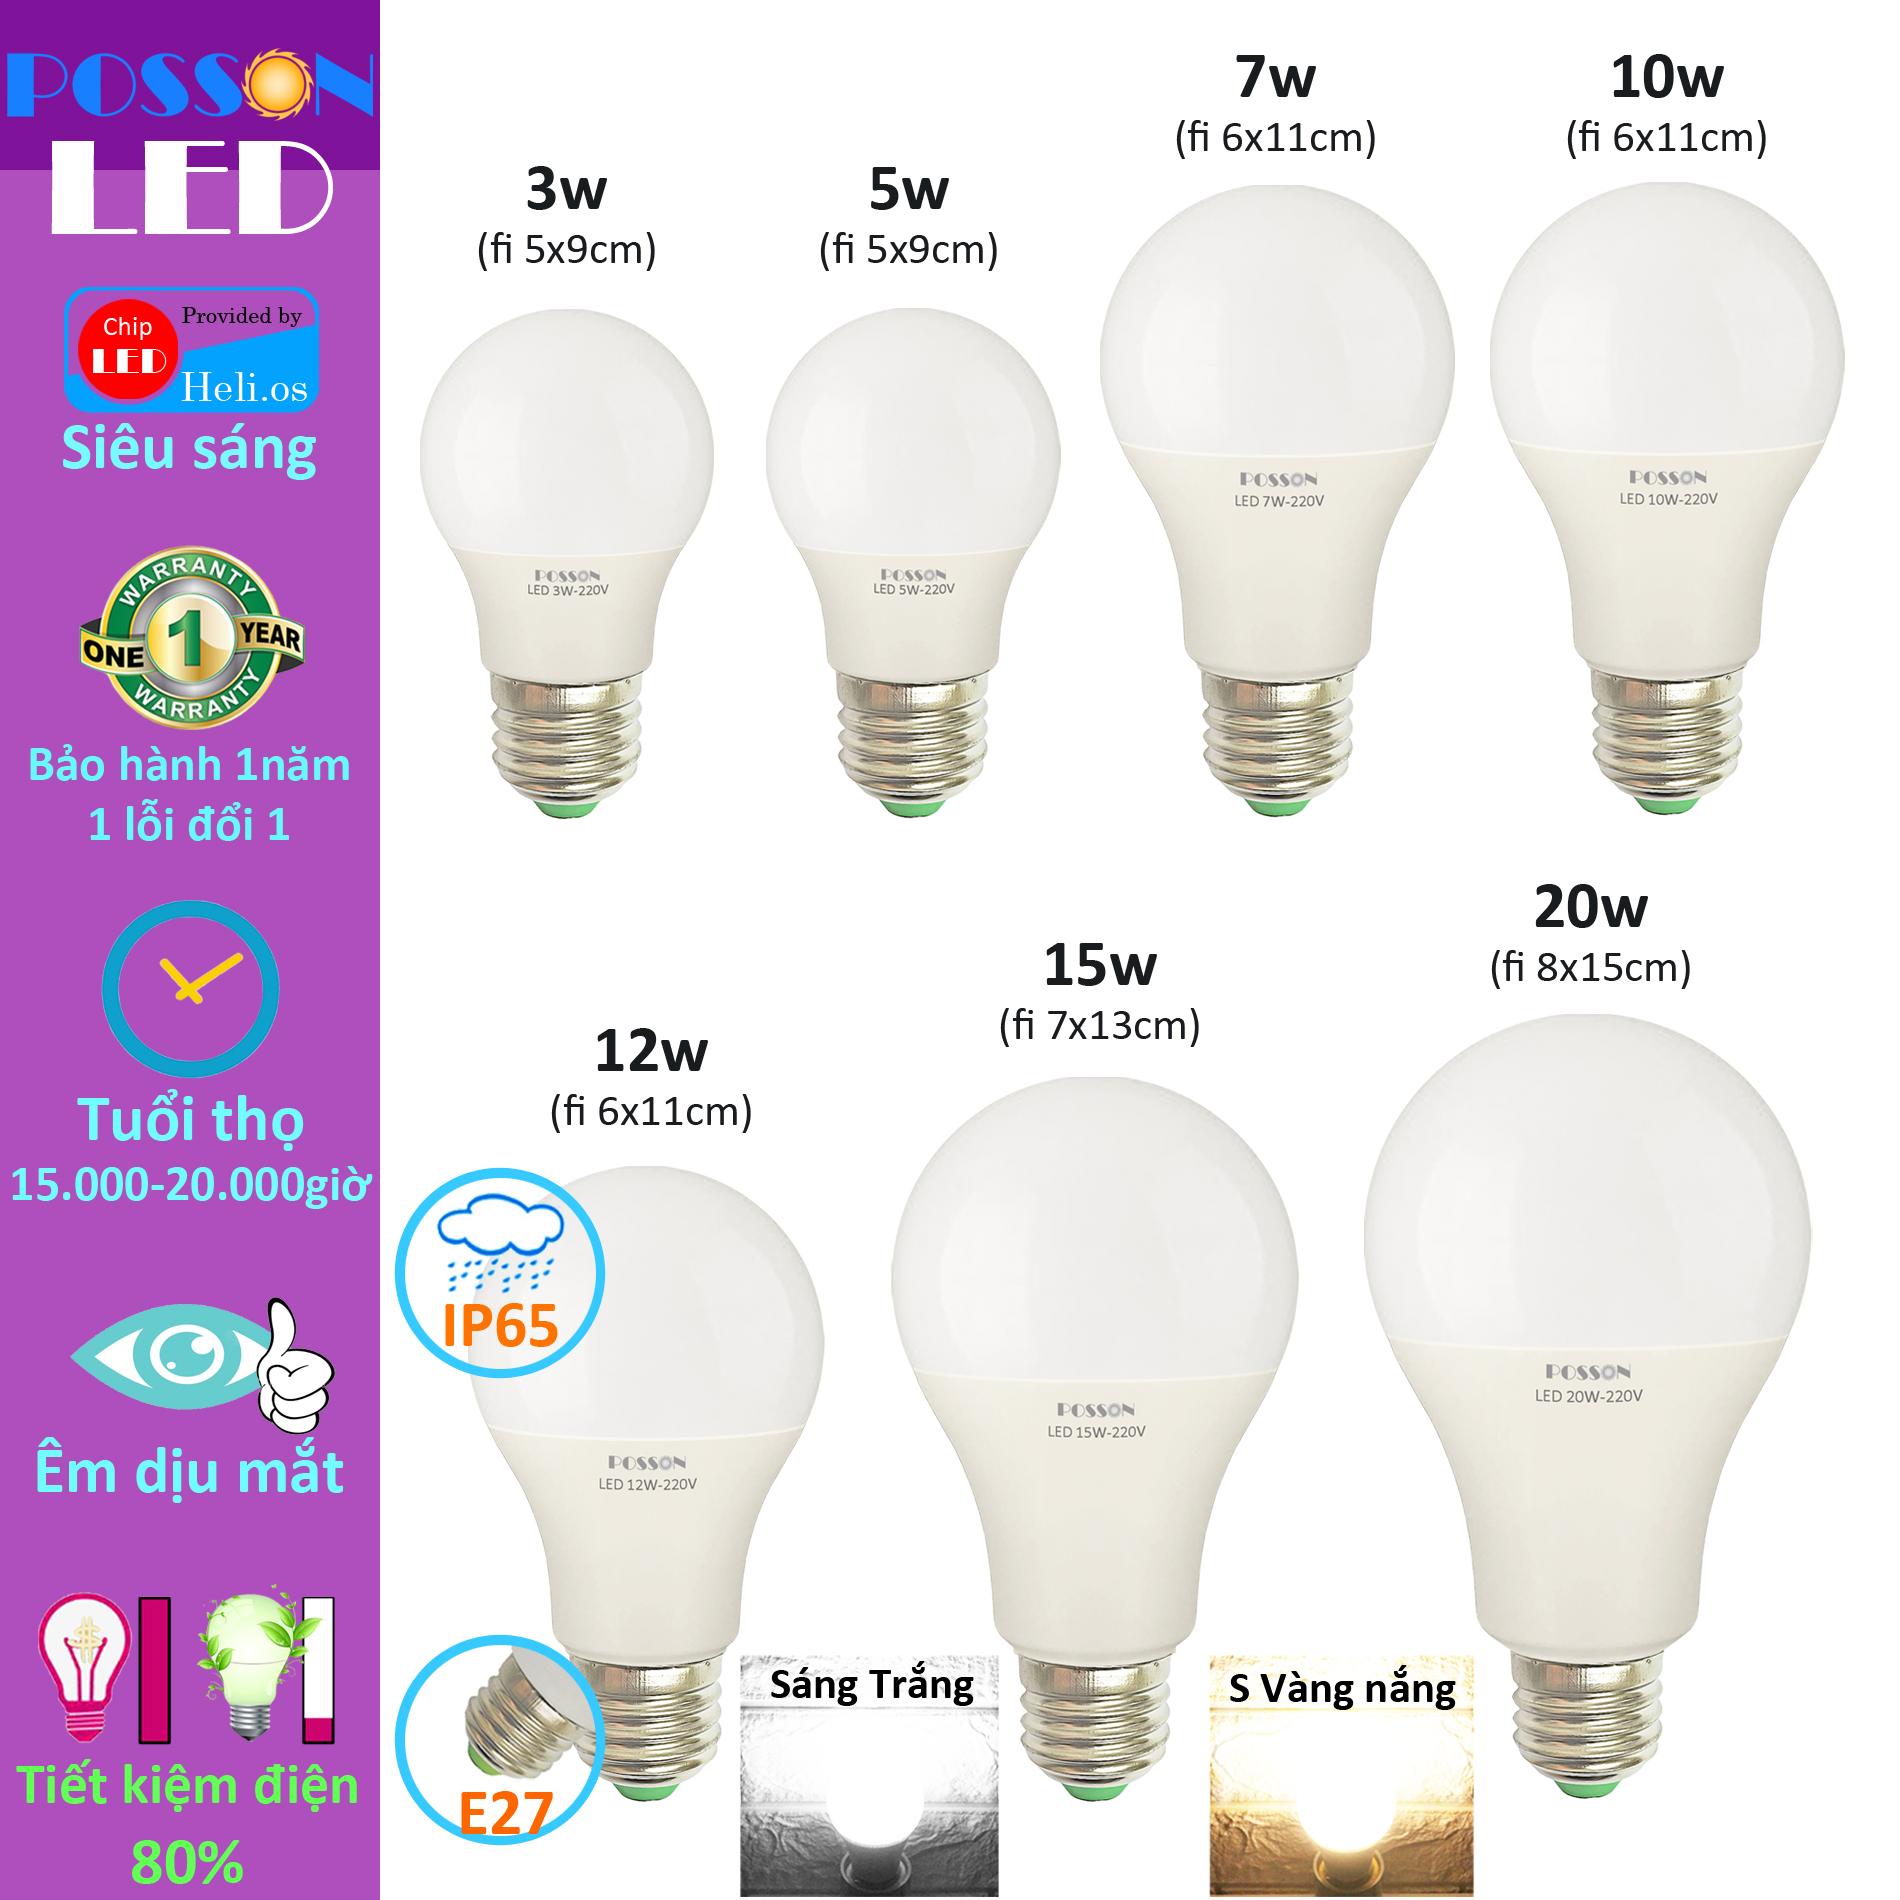 Bóng đèn Led 3w 5w 7w 9w 10w 12w 15w 20w bup tròn A bulb tiết kiệm điện kín chống nước Posson LB-3-20x